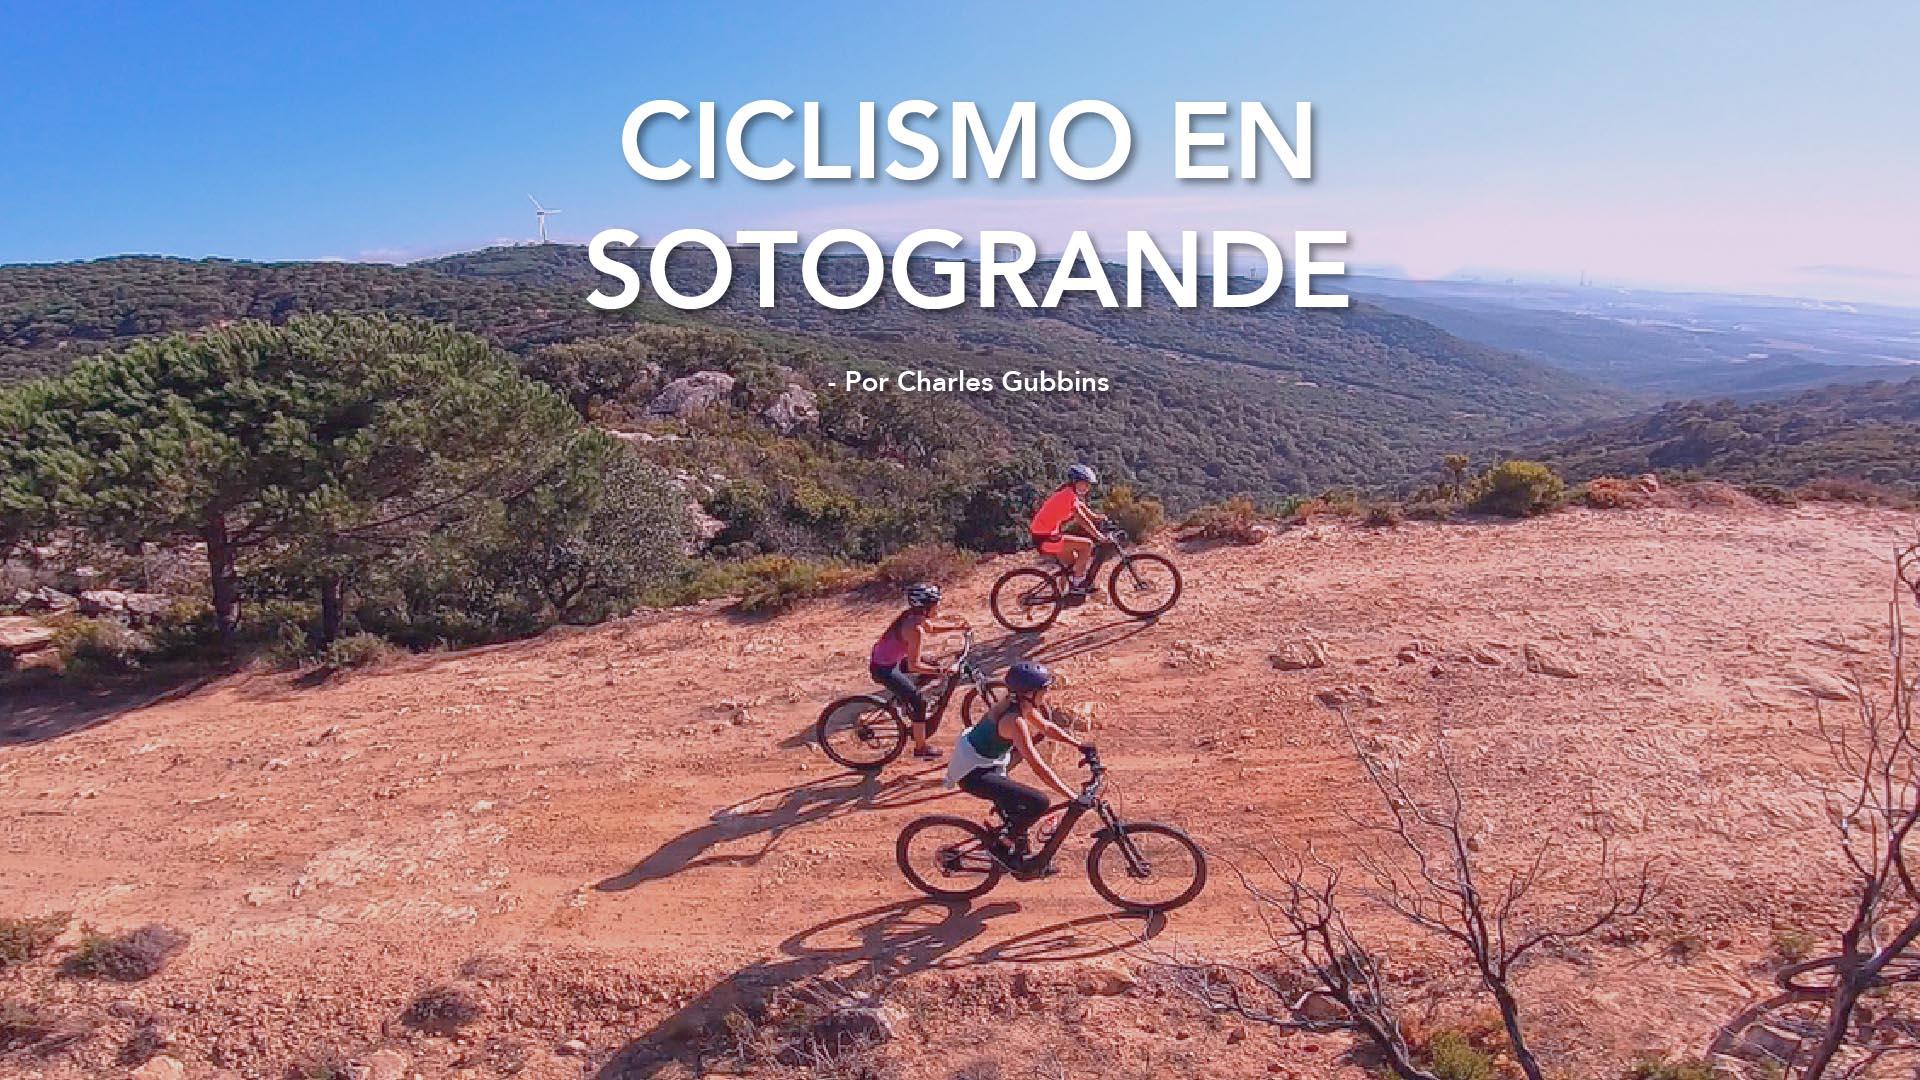 Ciclismo en Sotogrande. Venta, Alquiler y Tours Guiados en Bicicletas Eléctricas. Noll Sotogrande Blog 2021